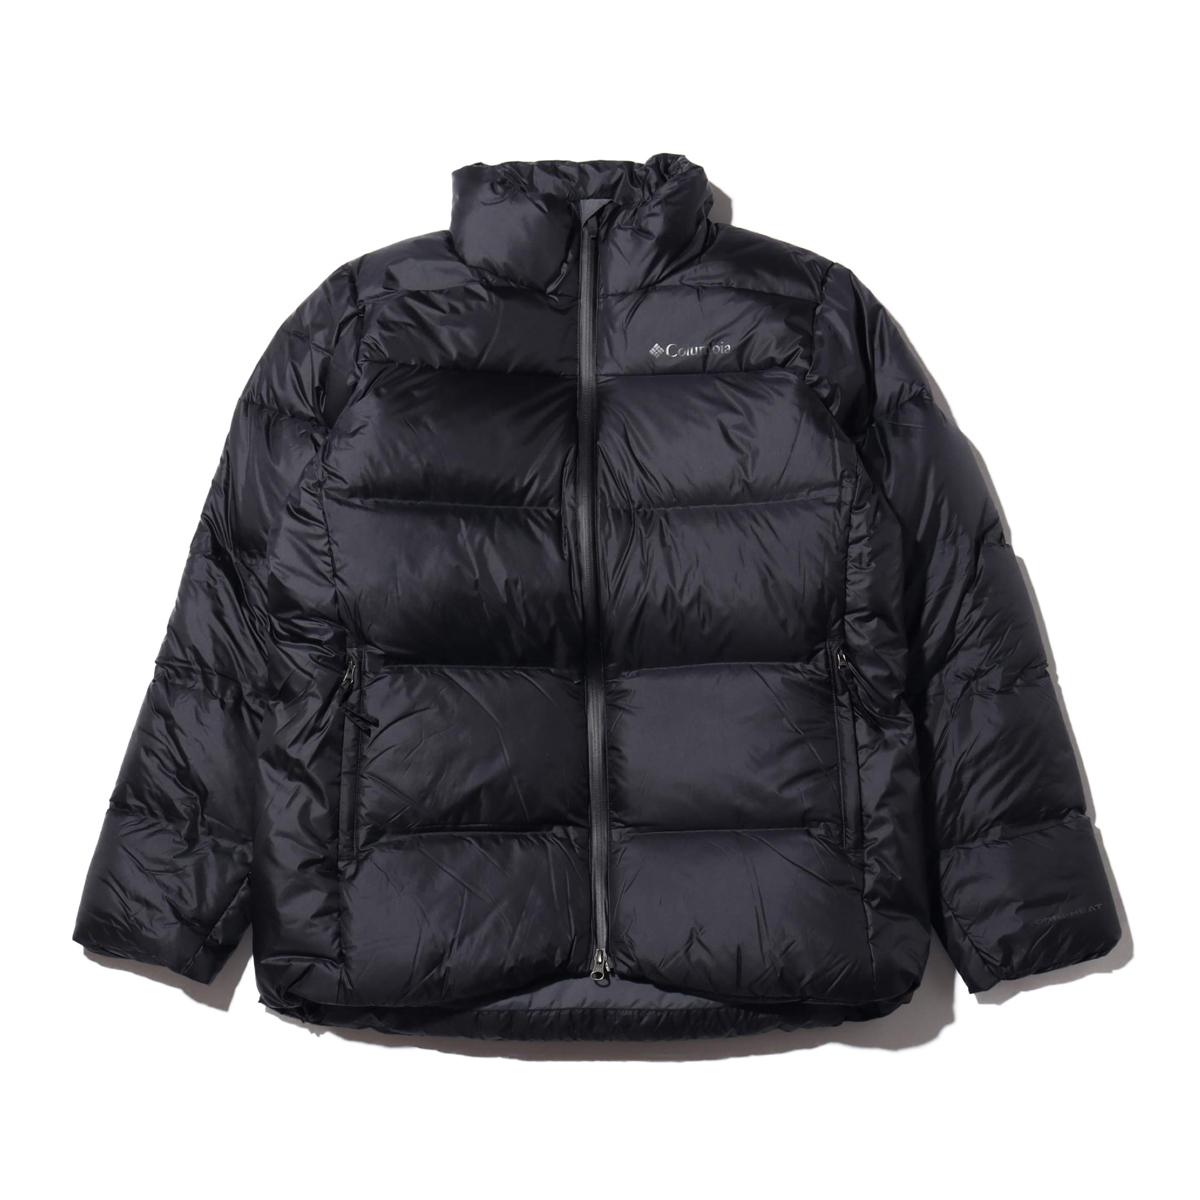 Columbia Kingston Canal™ Jacket(Black)(コロンビア キングストンキャナル ジャケット)【メンズ】【ジャケット】【19FA-I】